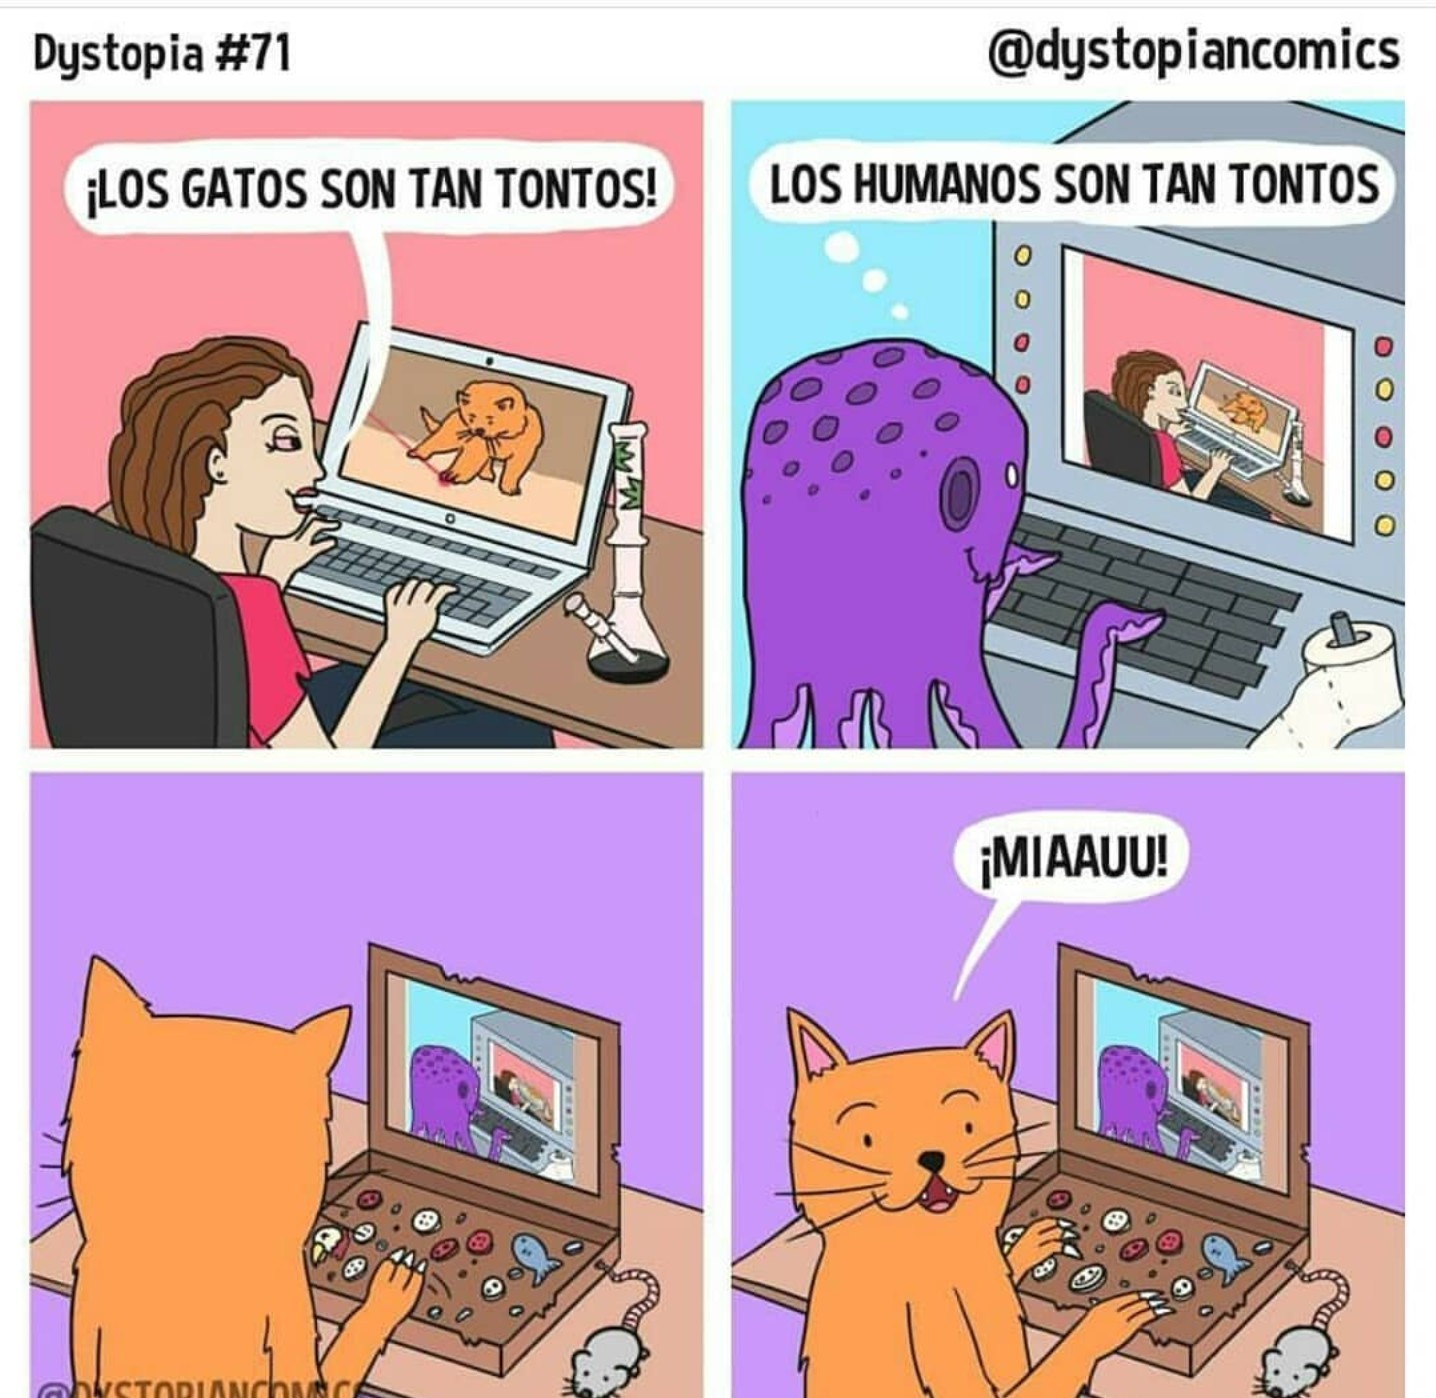 Miaau - meme